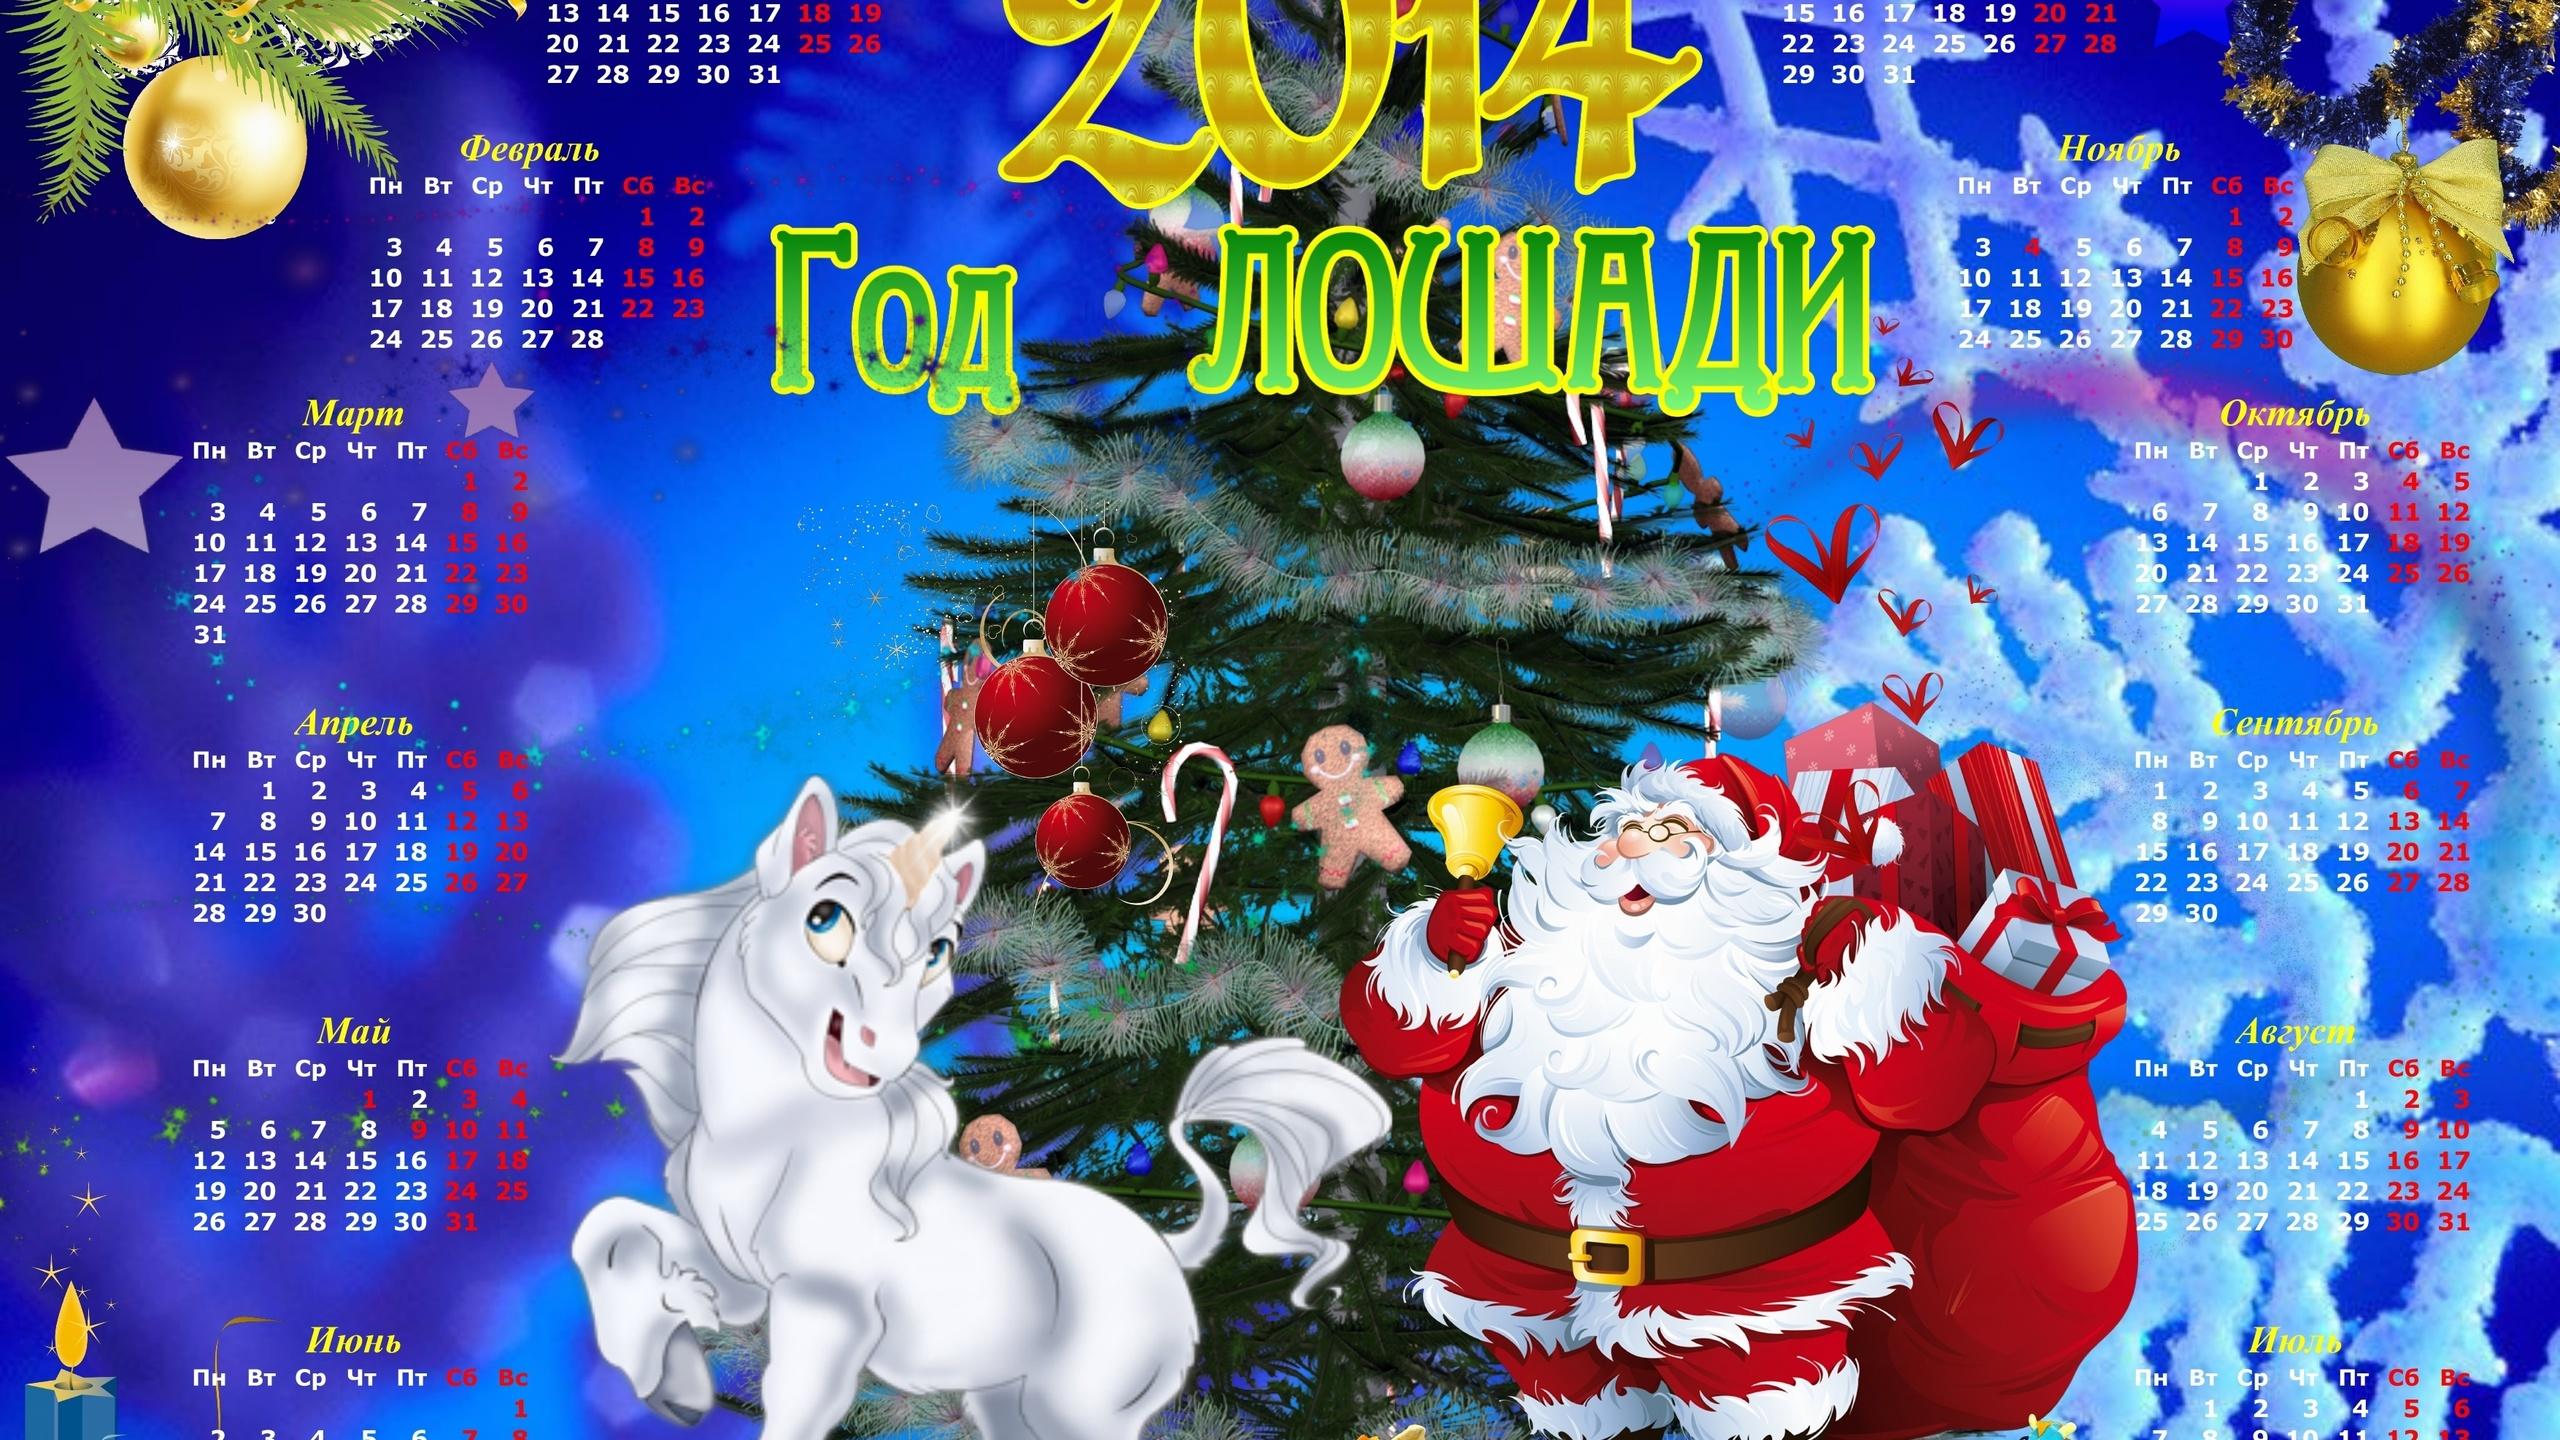 видео картинки с новым годом 2016